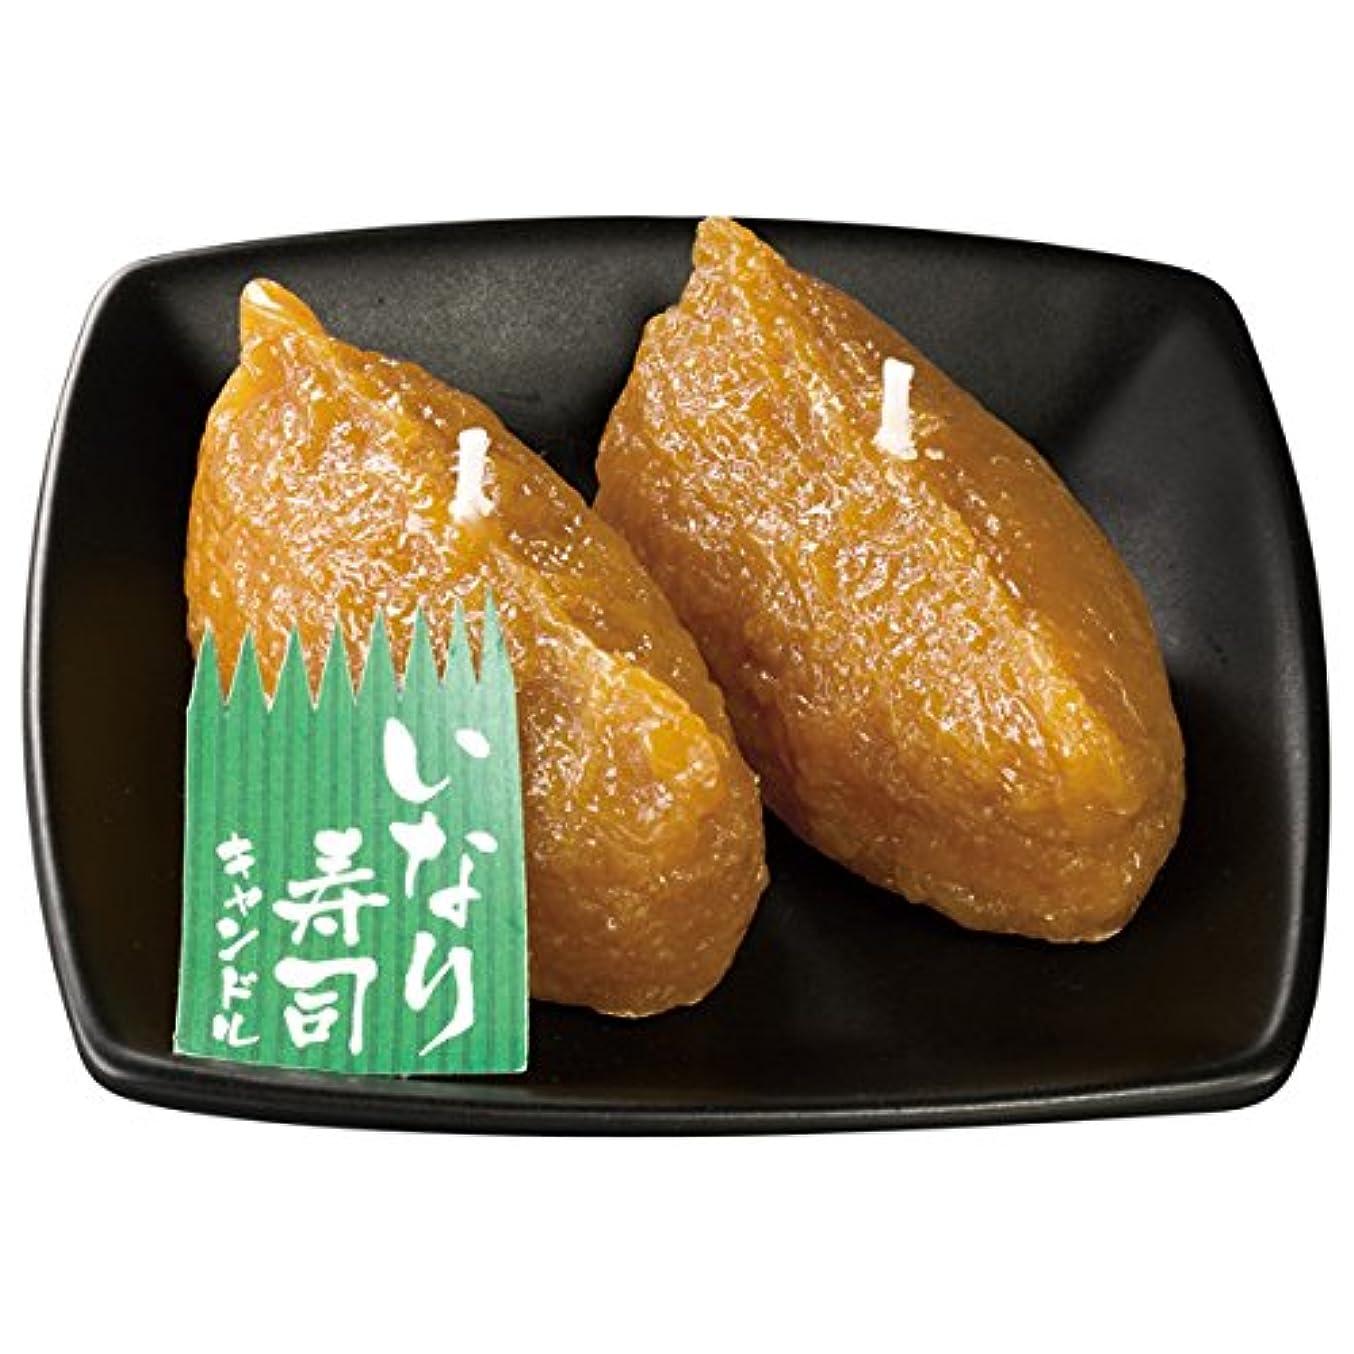 一般で出来ている踏みつけいなり寿司キャンドル